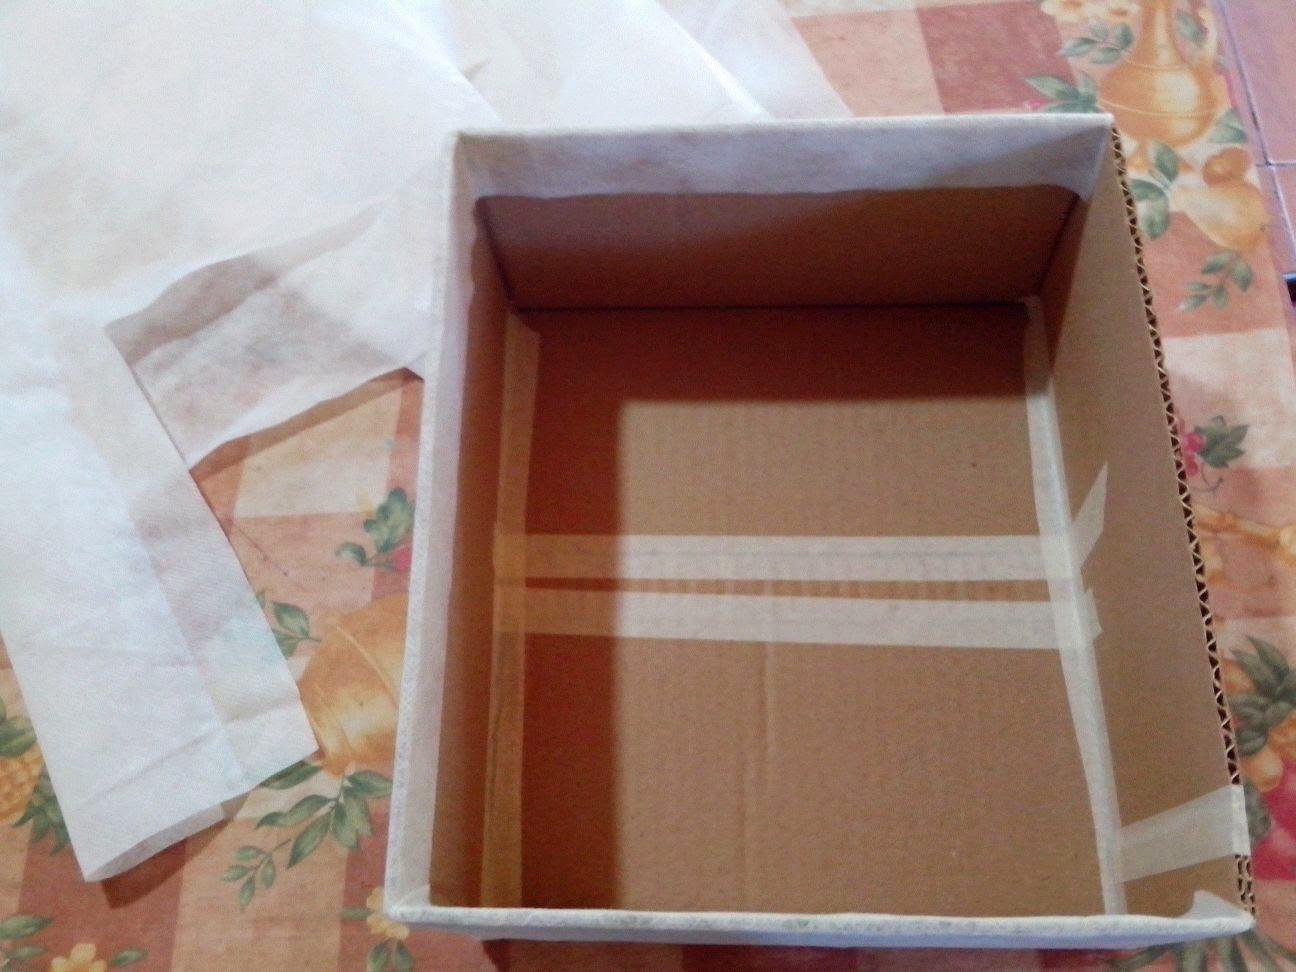 Manualidades - Forrar cajas de carton con telas ...